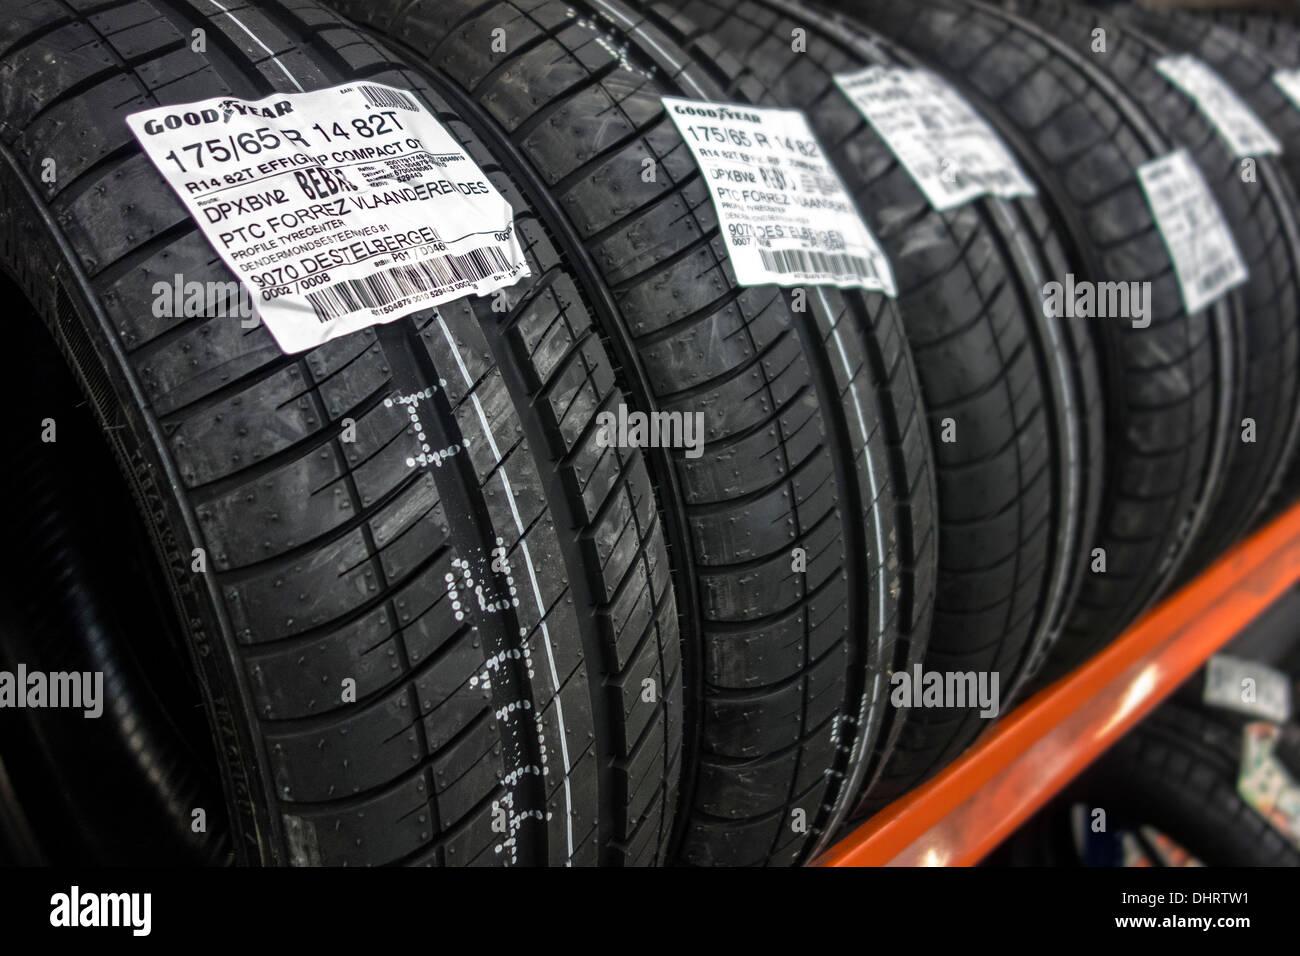 Close up della fila di nuovo Goodyear pneumatici estivi per autovetture memorizzati sul ripiano in officina del centro del pneumatico Immagini Stock